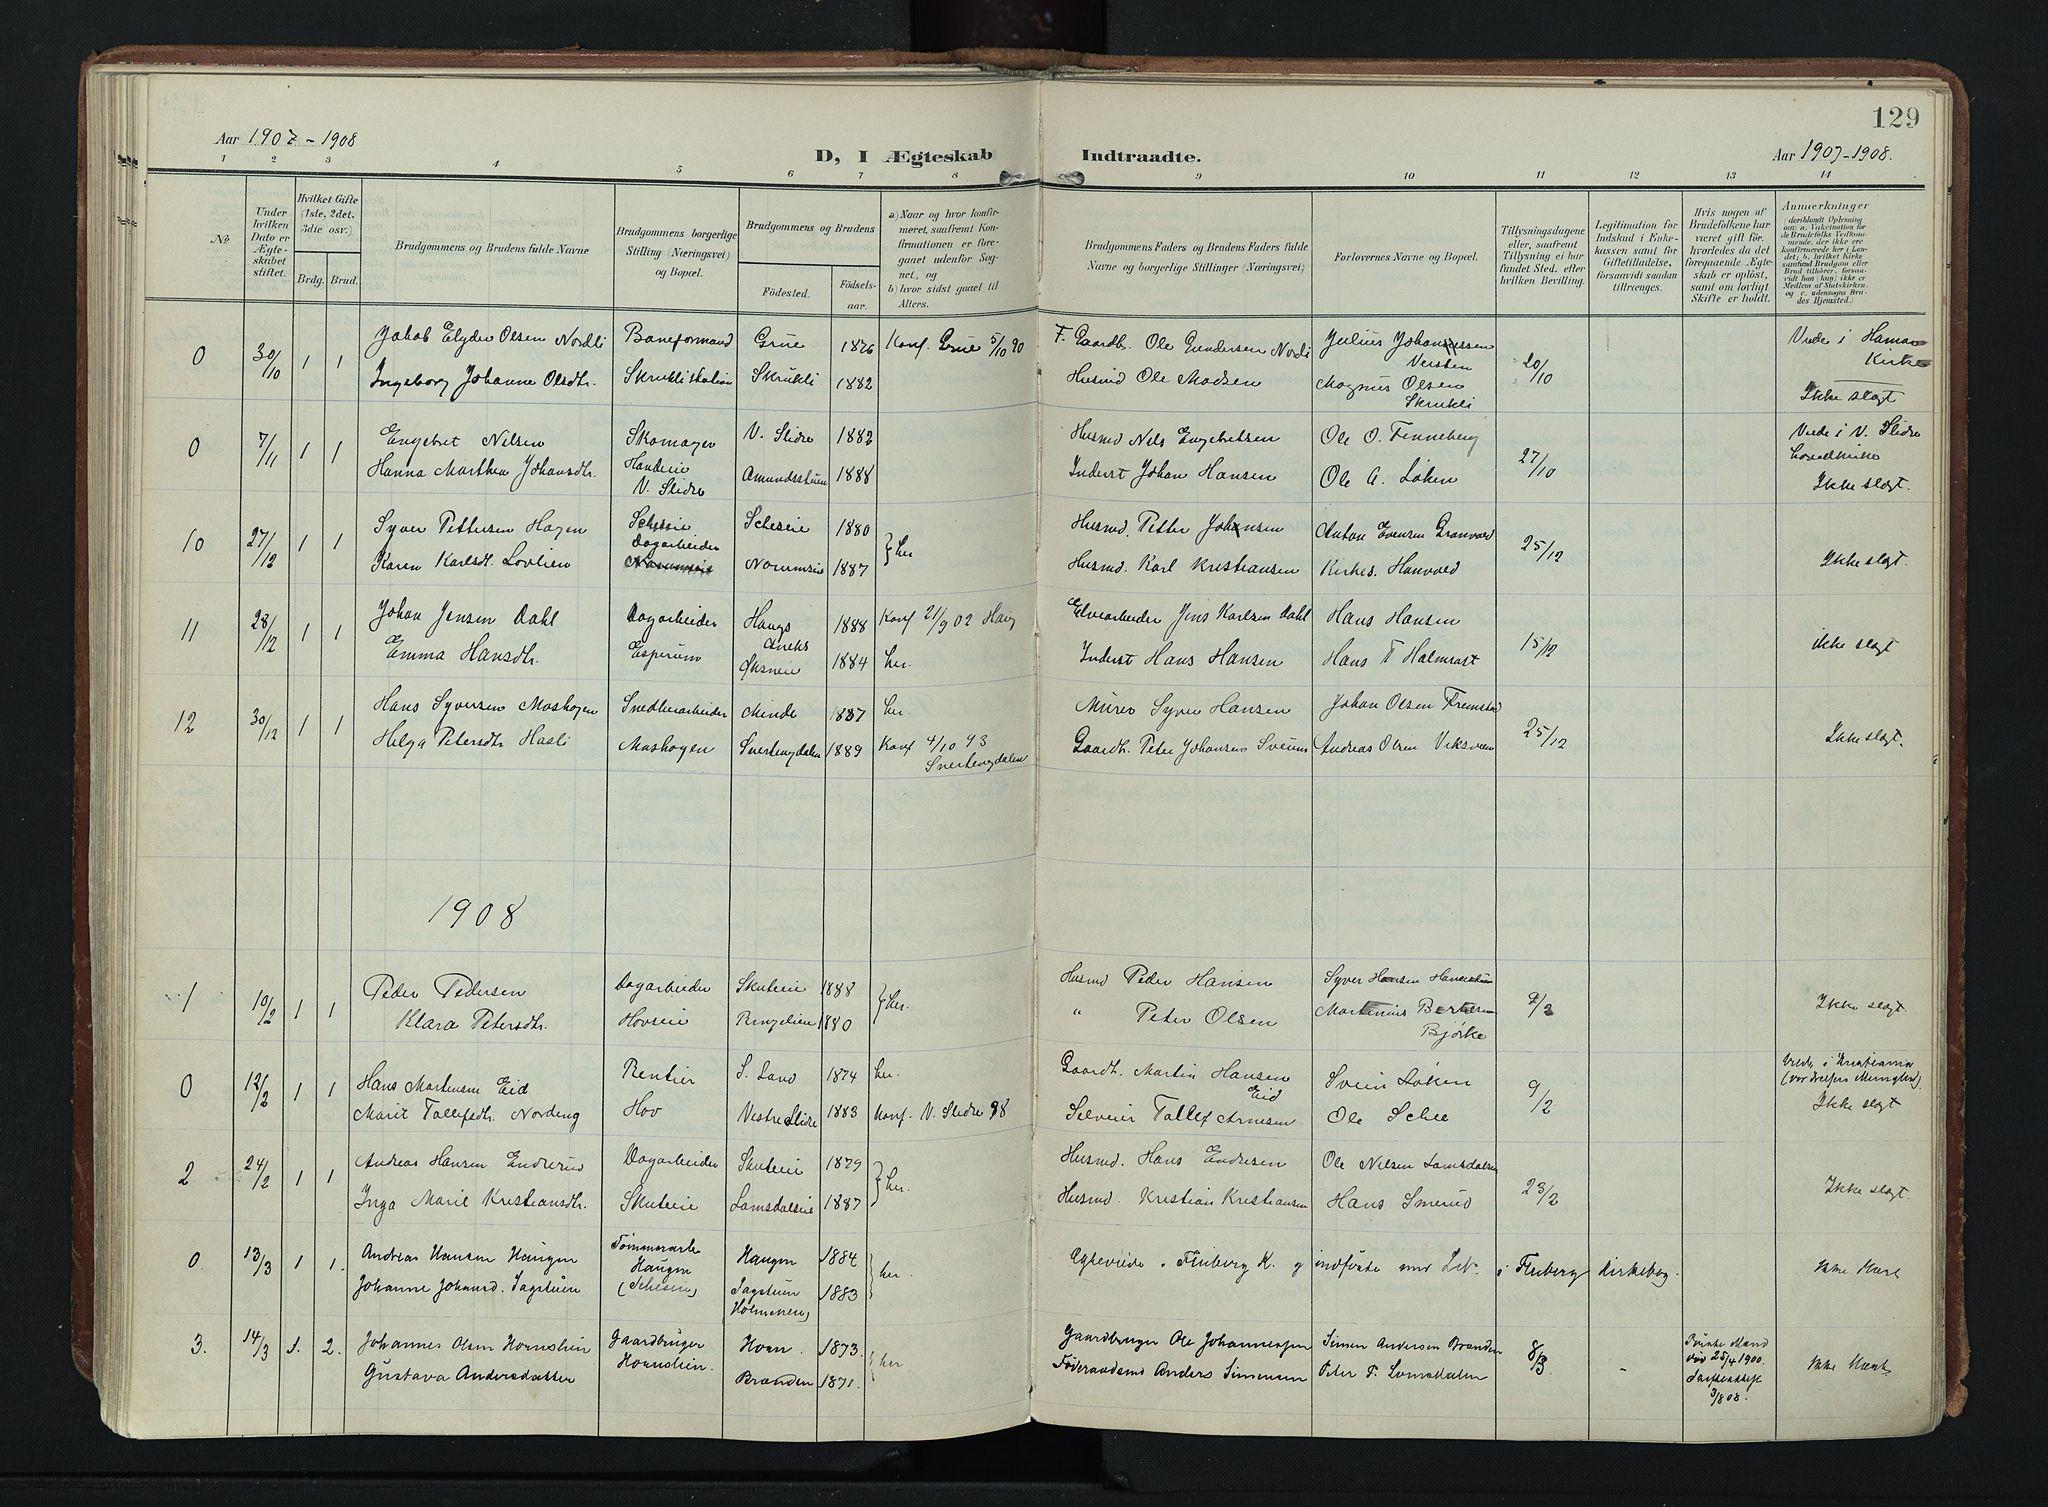 SAH, Søndre Land prestekontor, K/L0007: Ministerialbok nr. 7, 1905-1914, s. 129